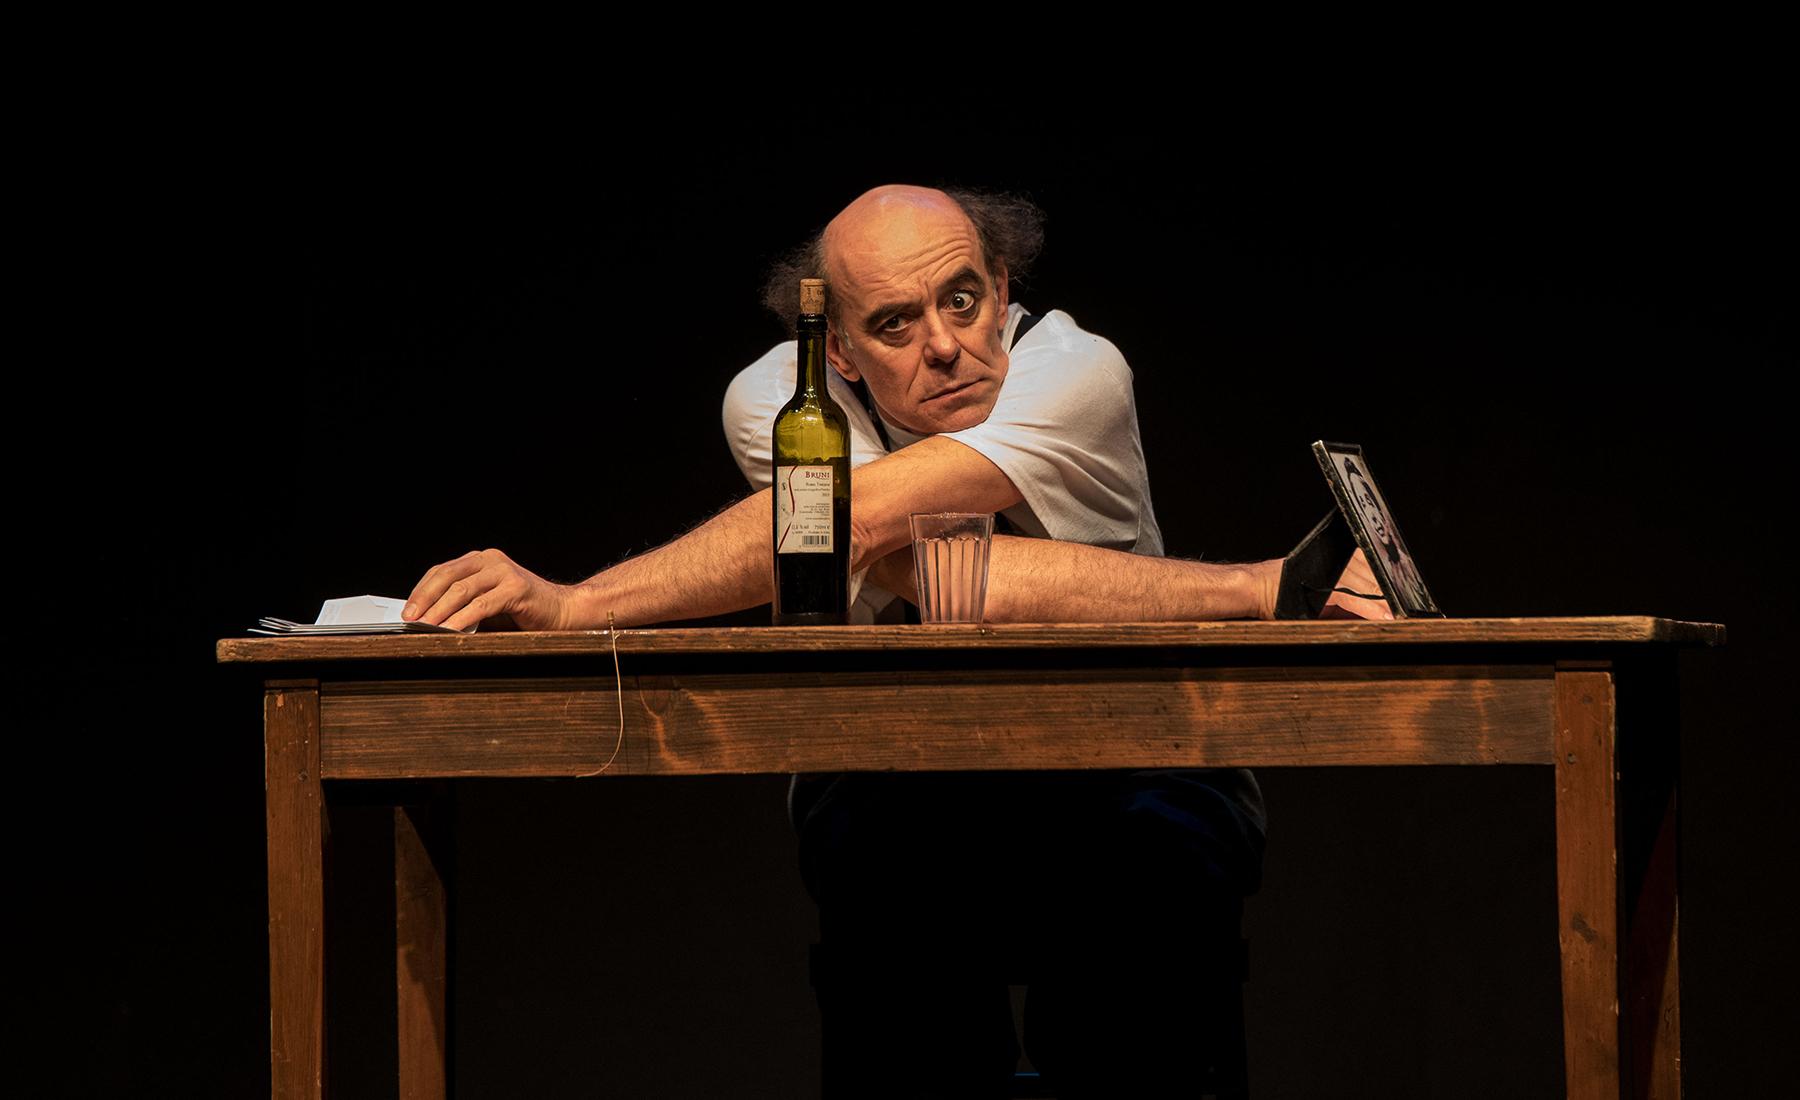 Teatro-Sociale-Gualtieri-lettera-paolo-nani-ph-Amorelli_1800x1100